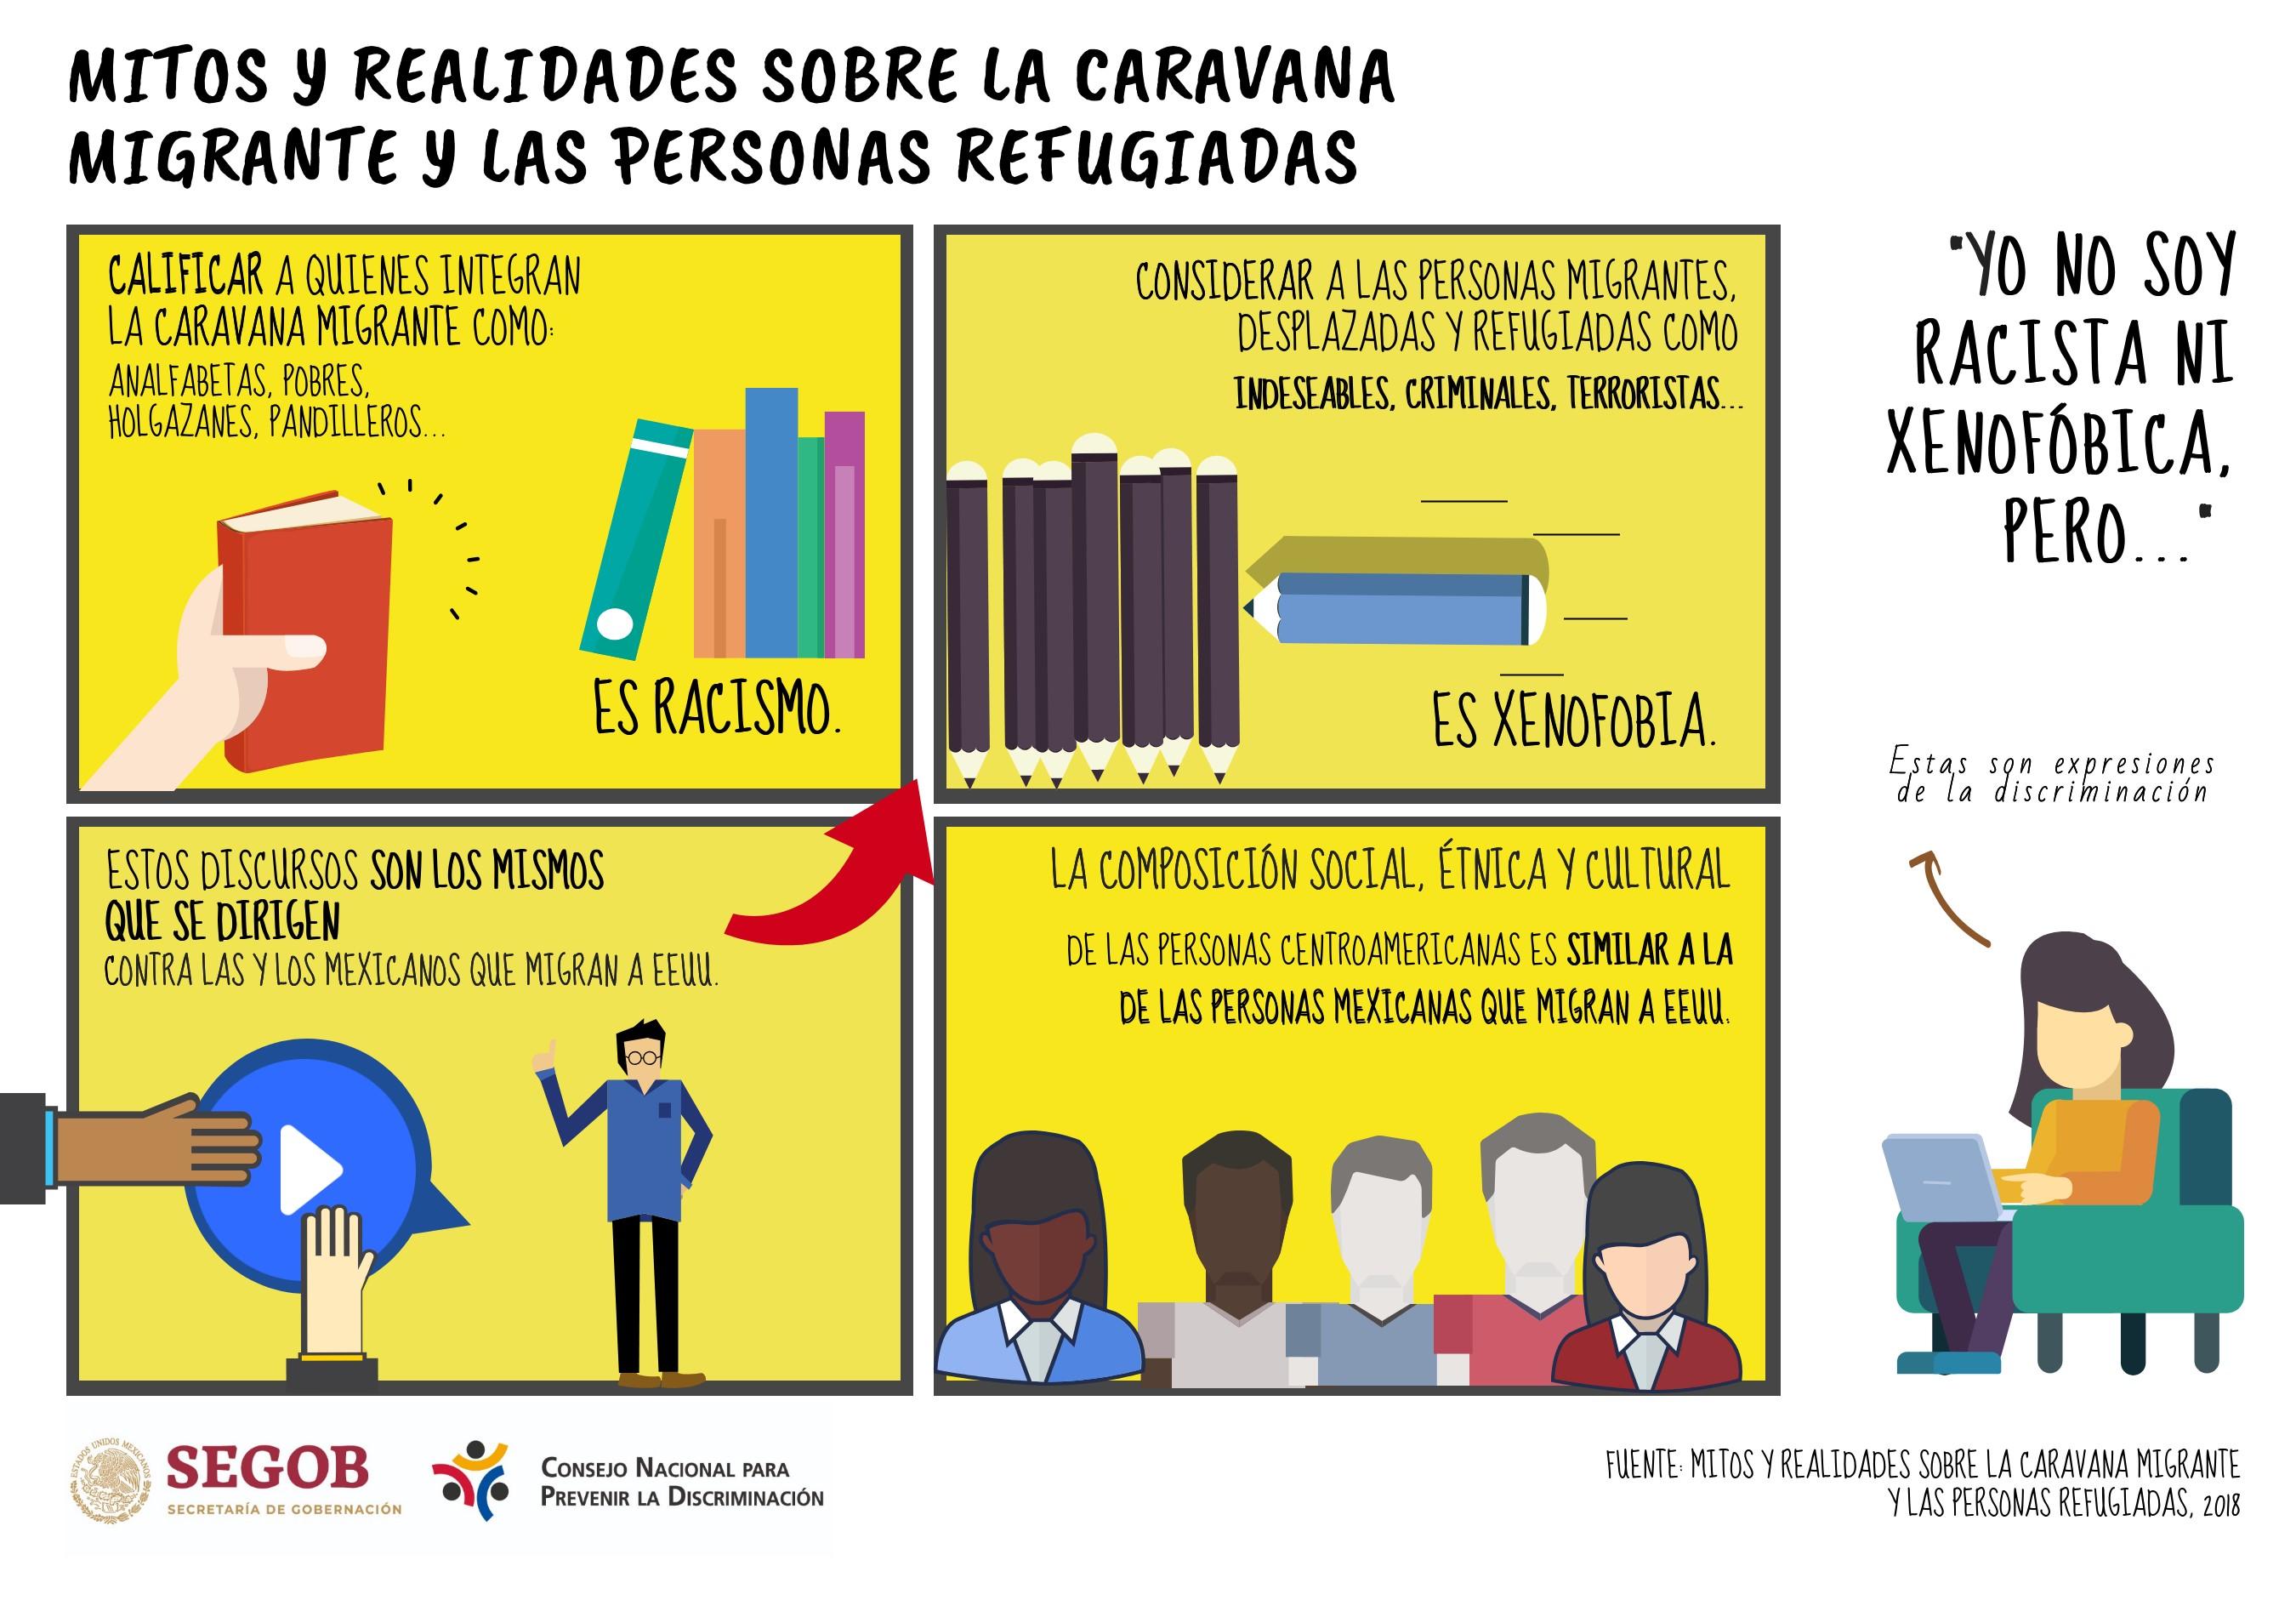 Infografia sobre mitos y realidades de la caravana migrante